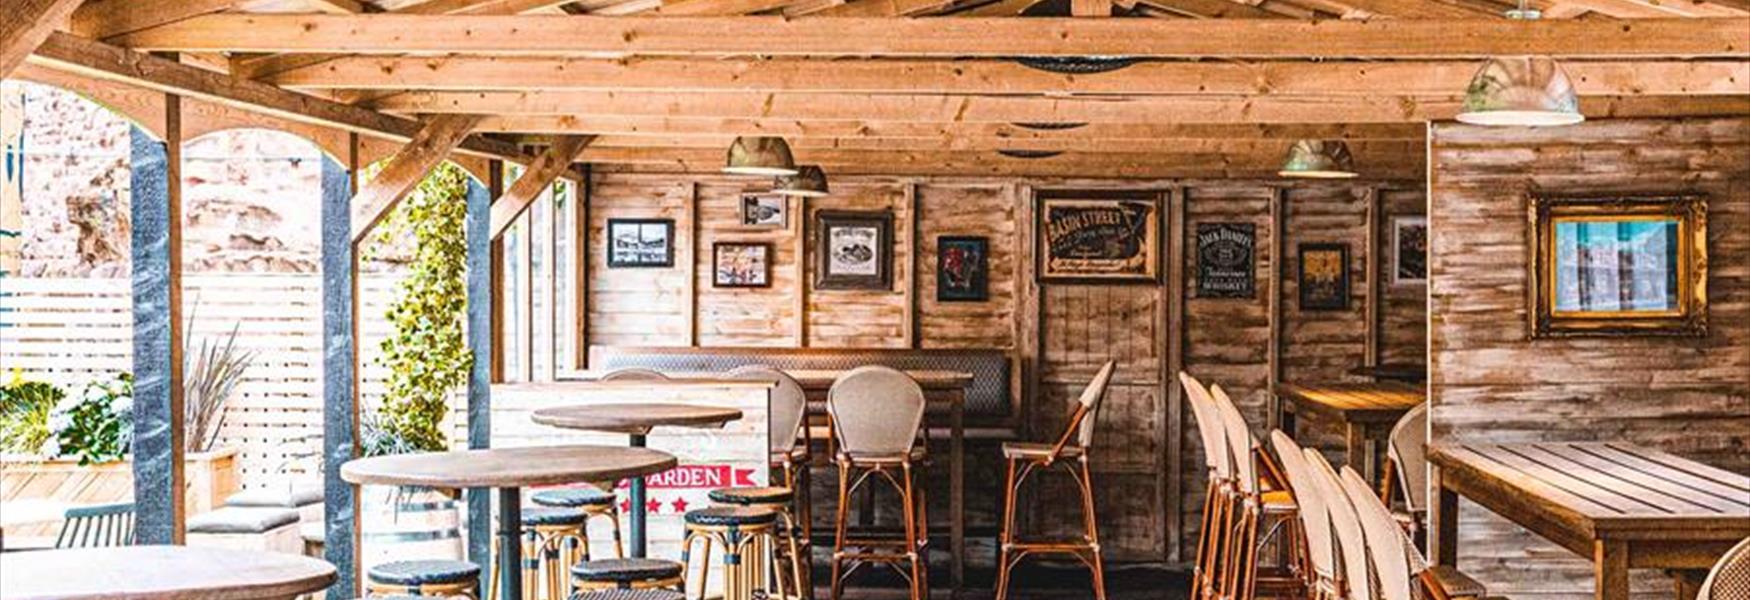 Hickory's Smokehouse